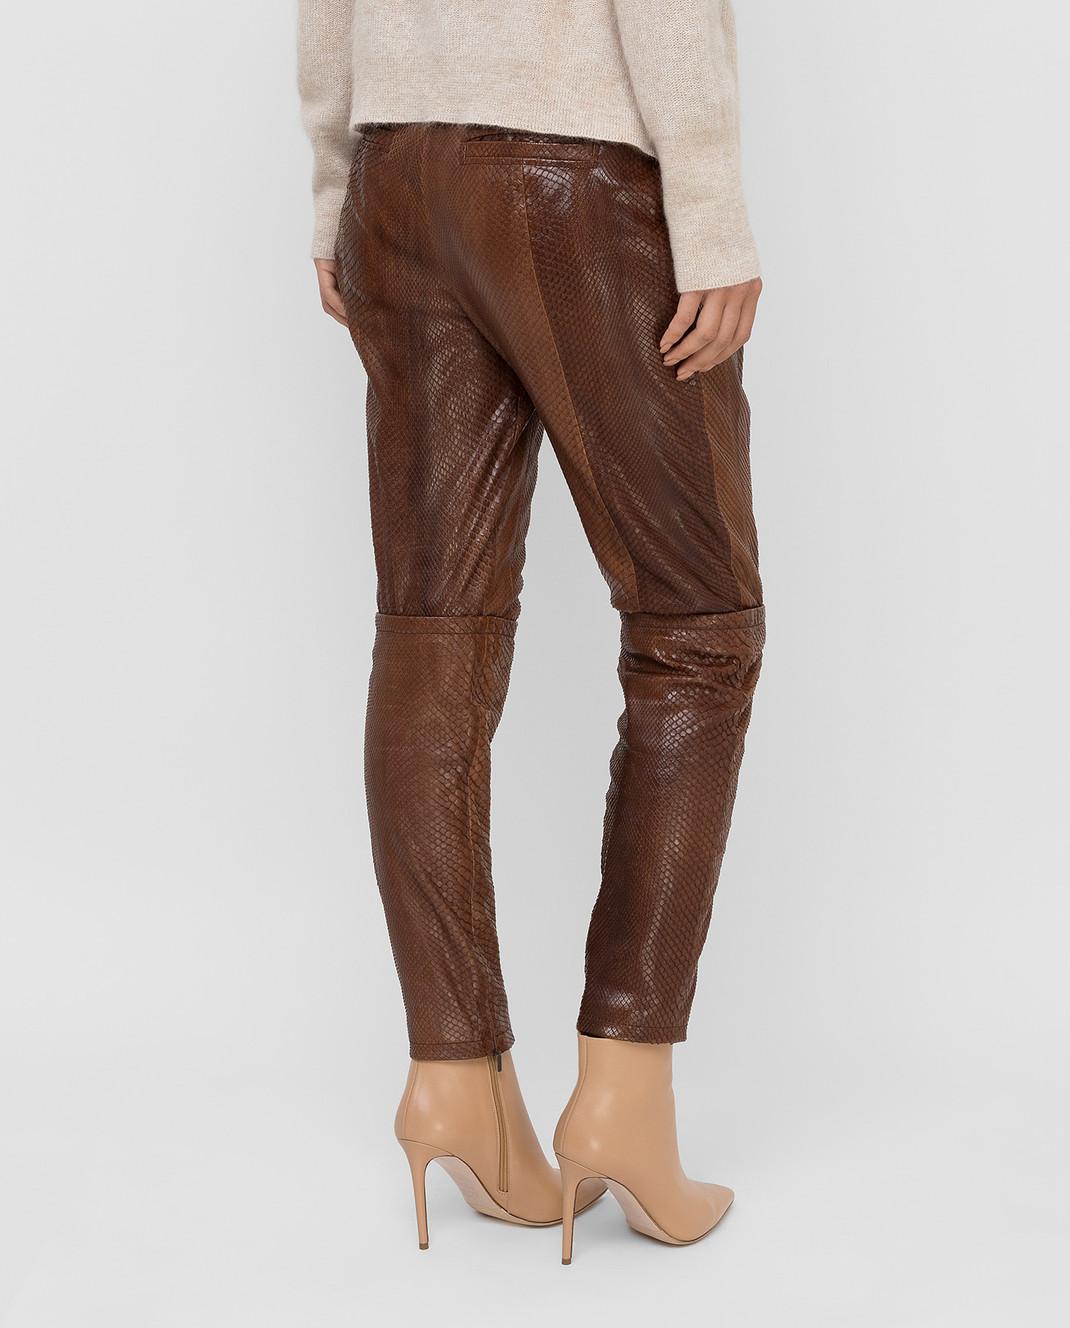 Gucci Коричневые брюки из кожи питона 264366 изображение 4